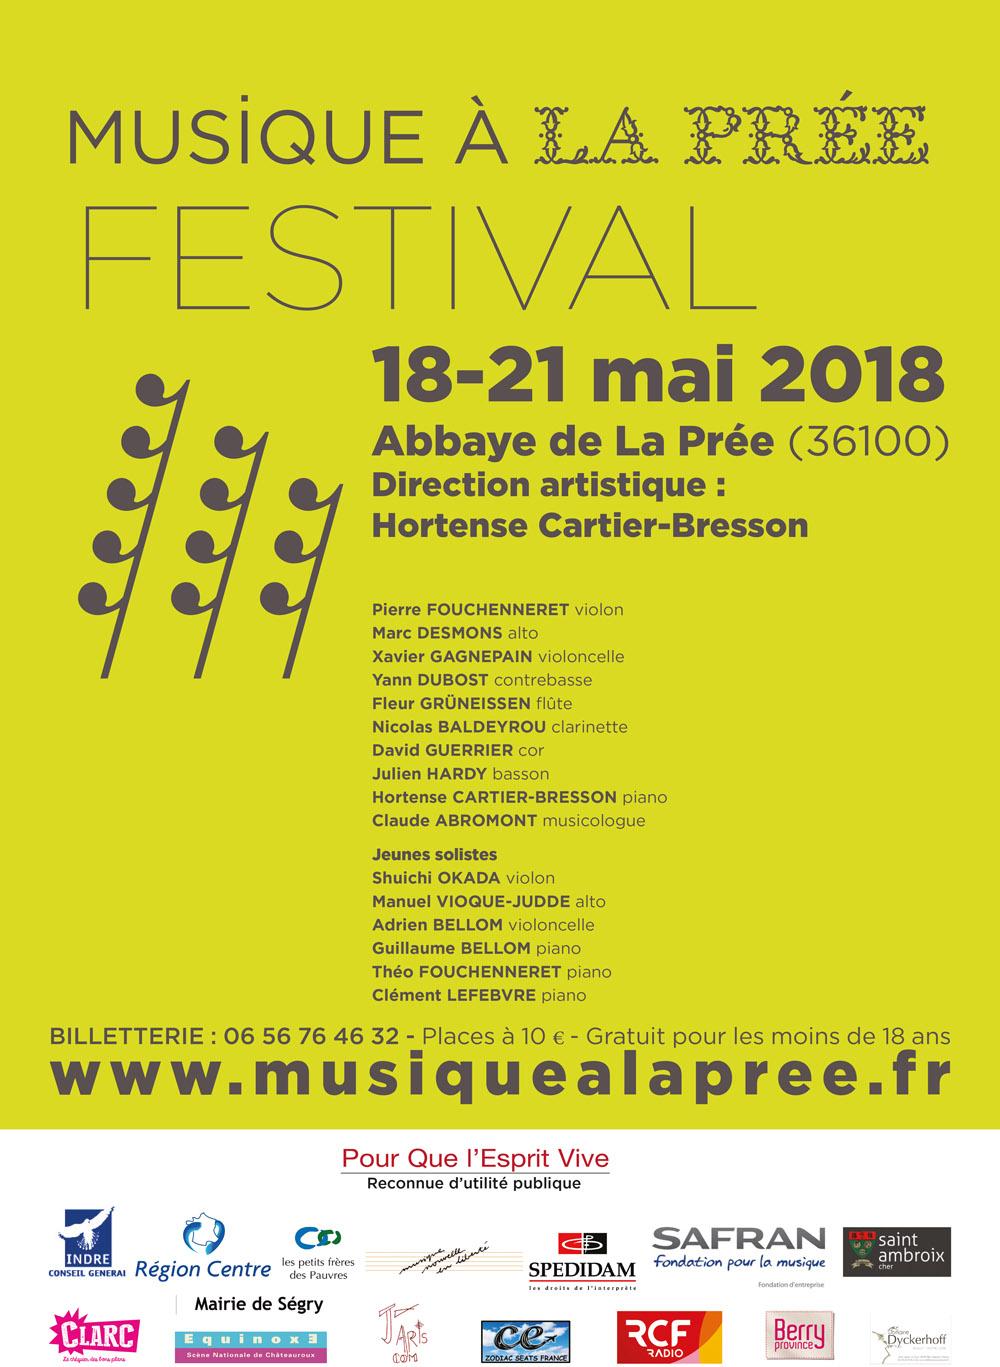 Festival Musique à la Prée